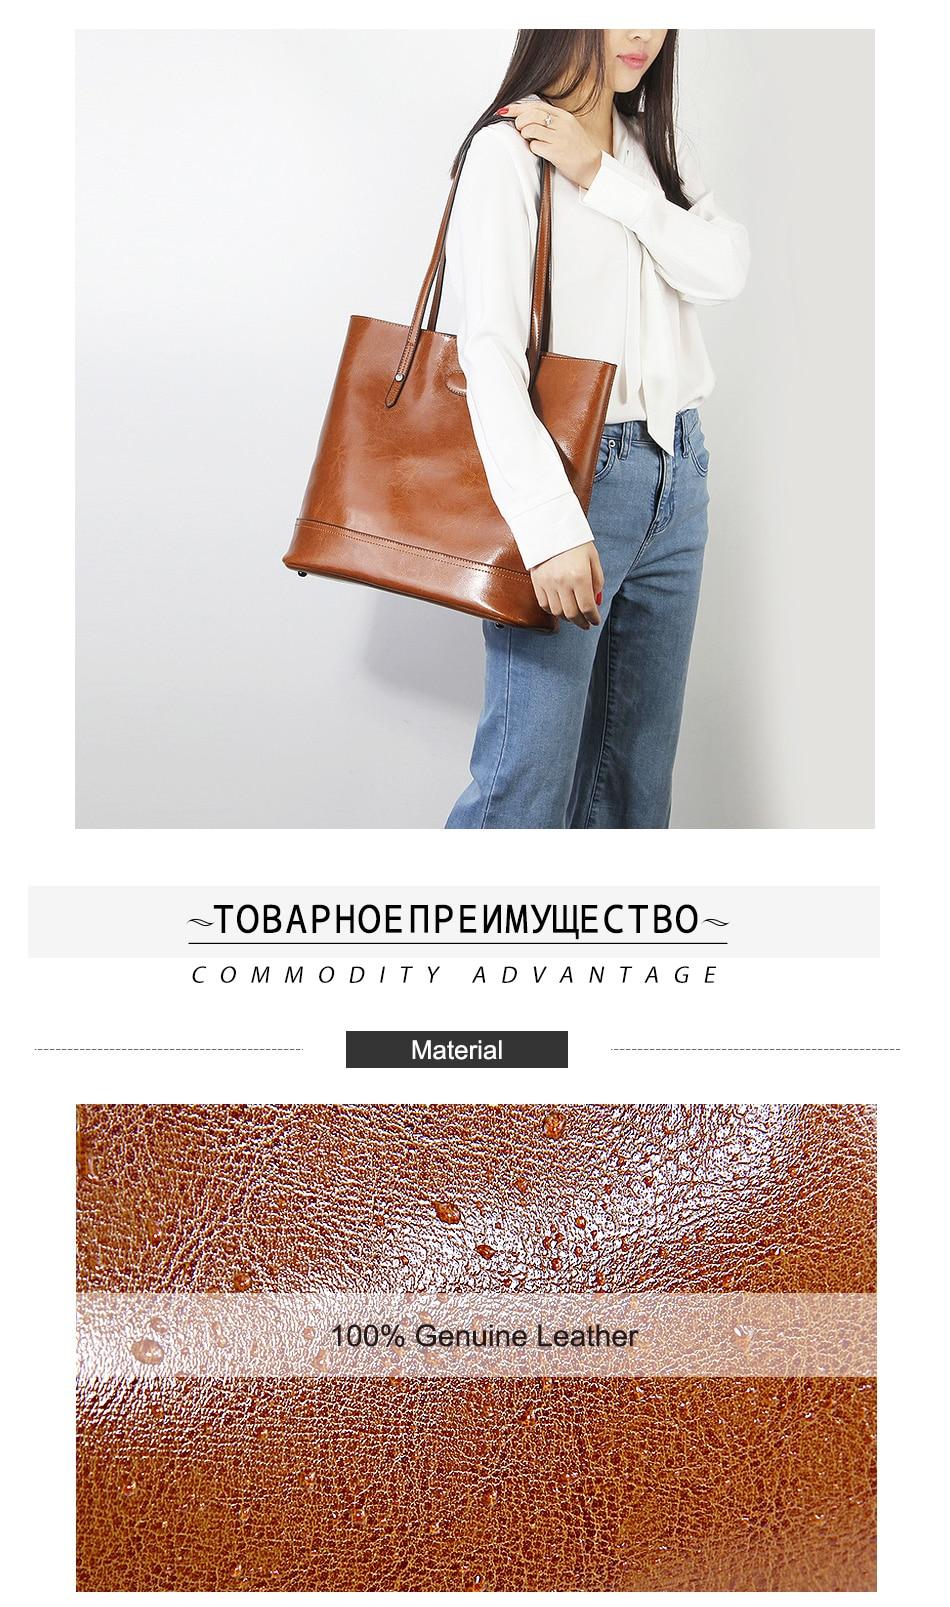 Zency 100% couro genuíno moda marrom bolsa